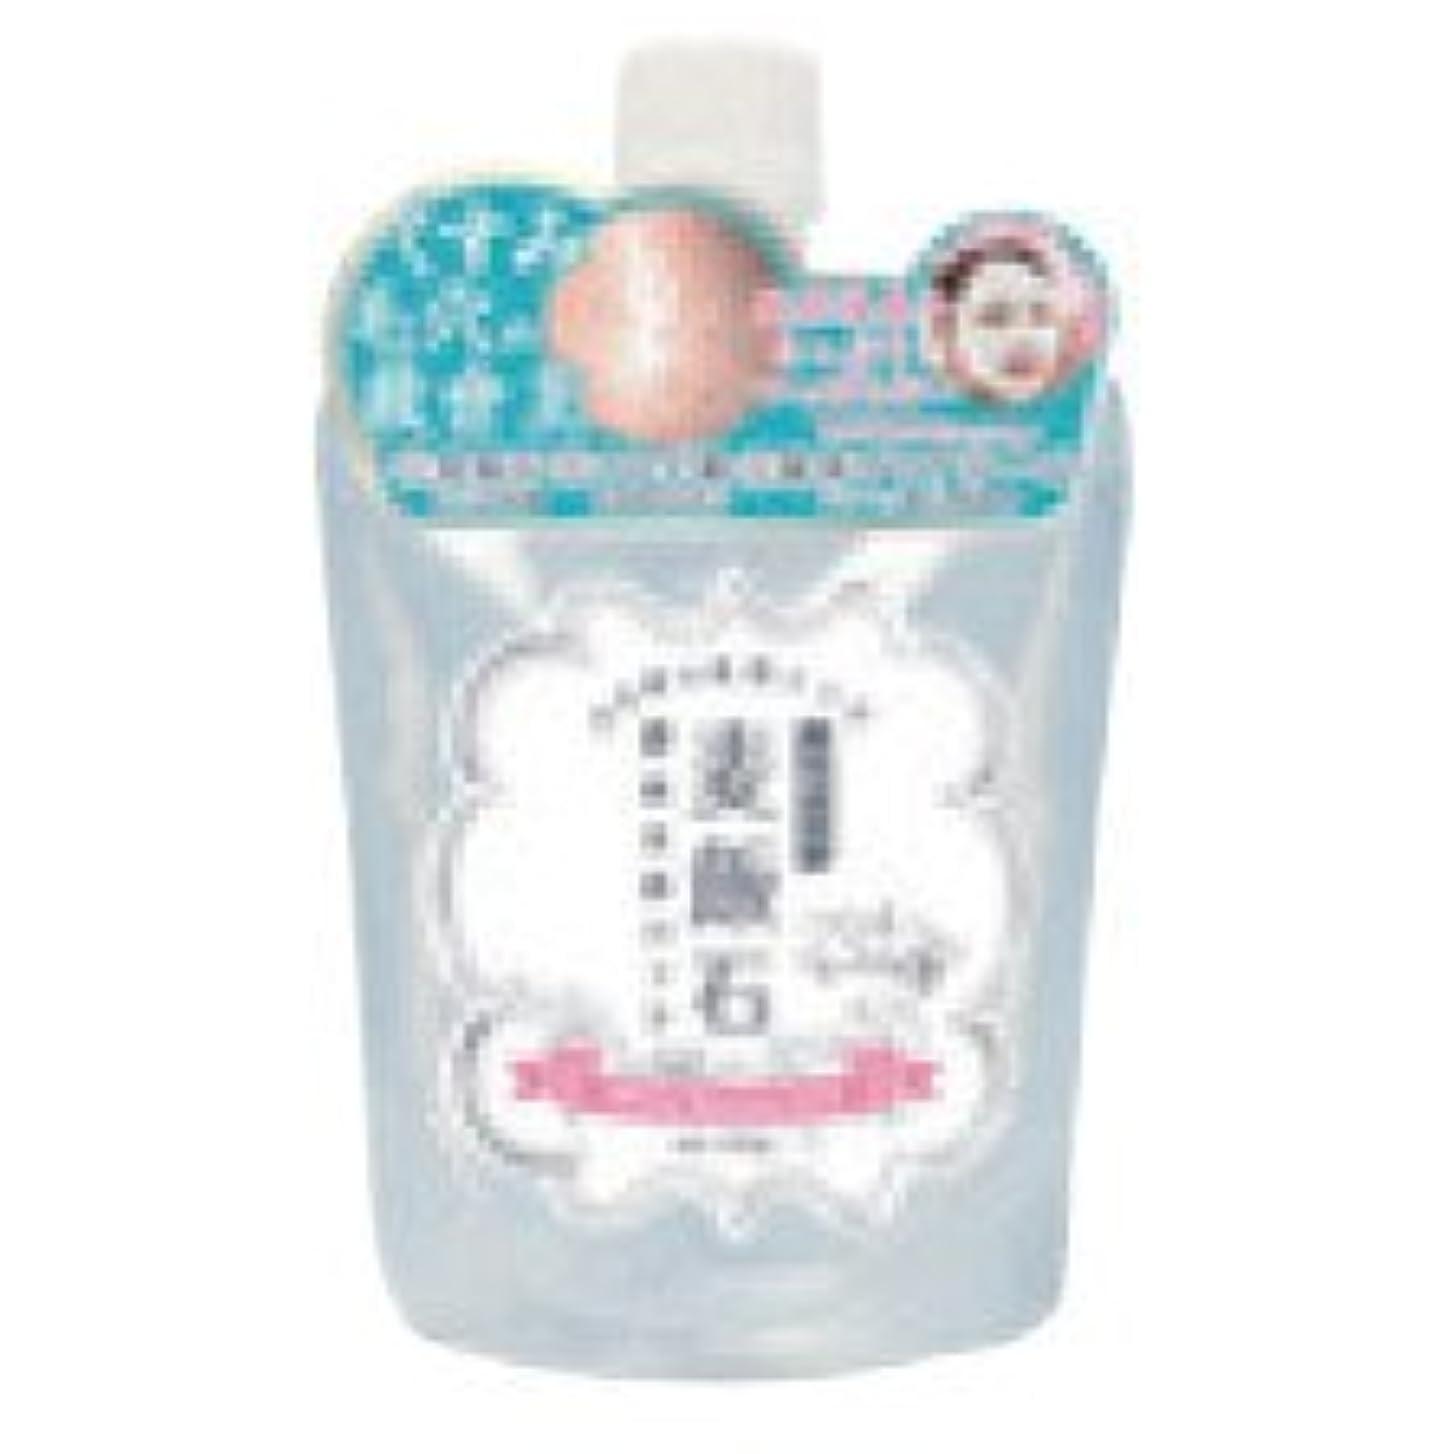 所持好き格差ホワイトムースパック 美濃白川麦飯石酵素洗顔パック 100g 2個セット